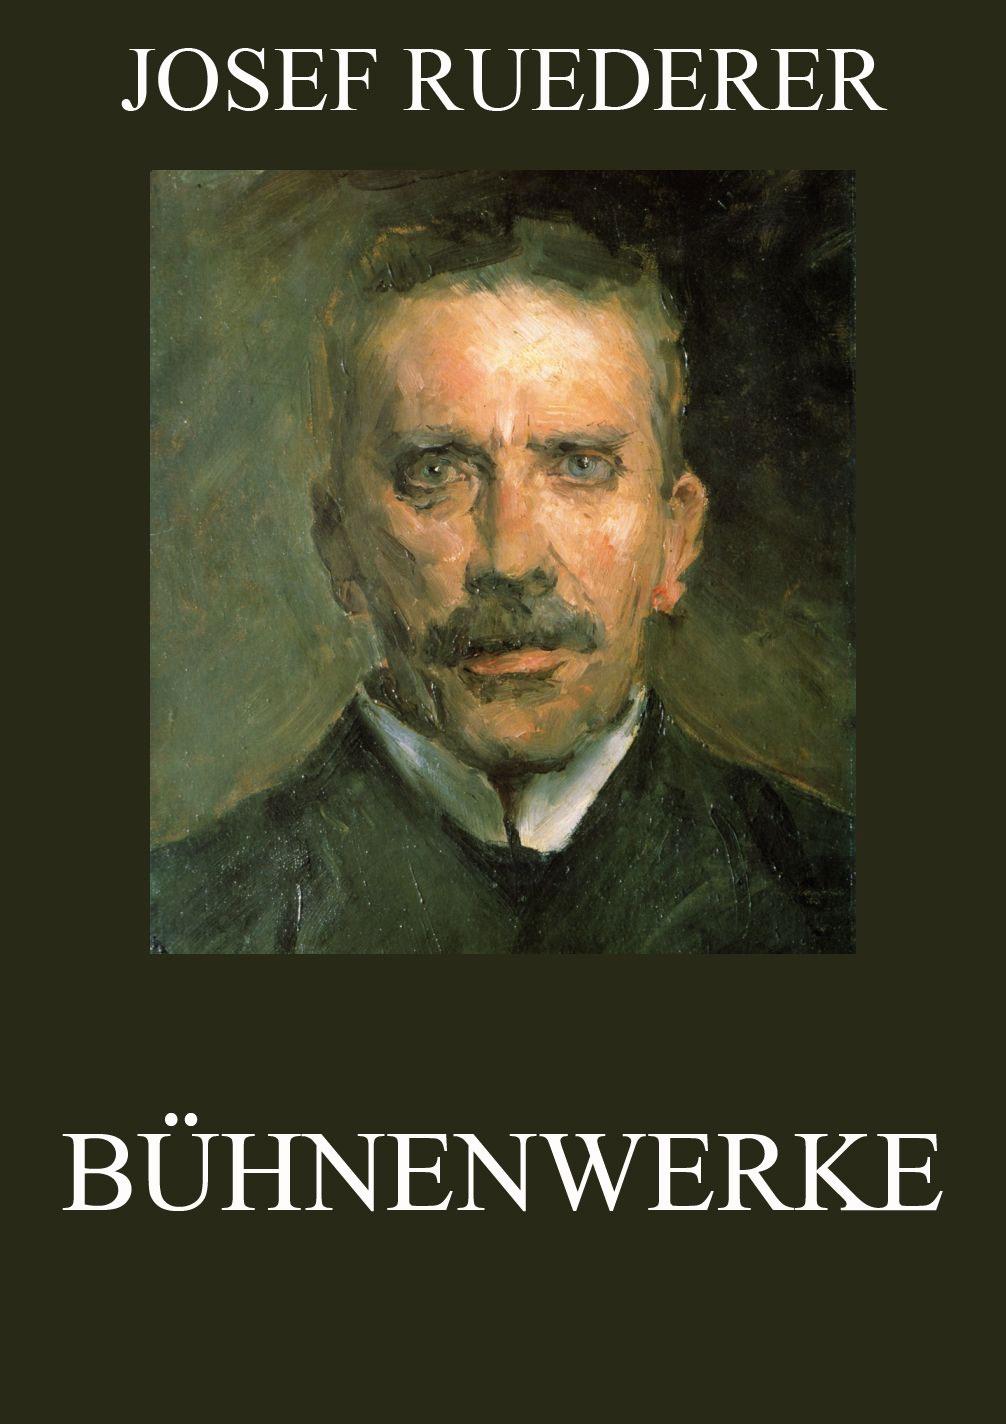 Josef Ruederer Bühnenwerke